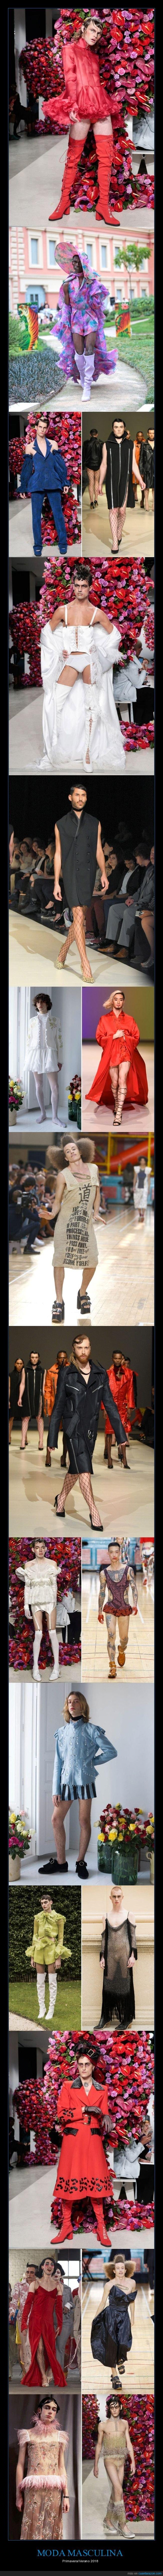 masculina,moda,wtf